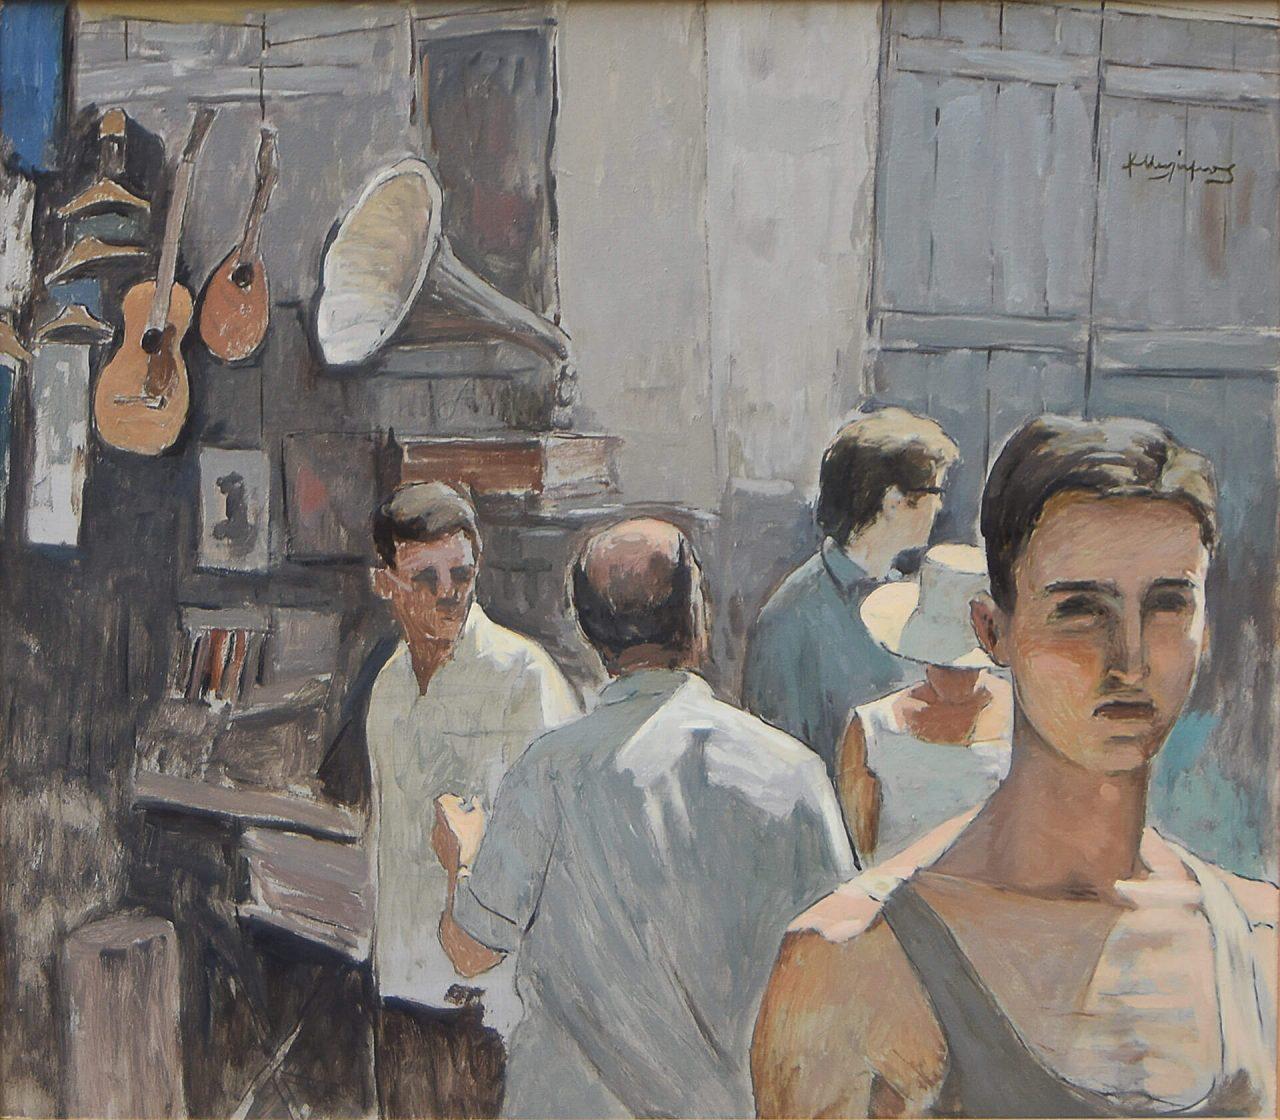 102. MALAMOS Costas (1913 - 2007)